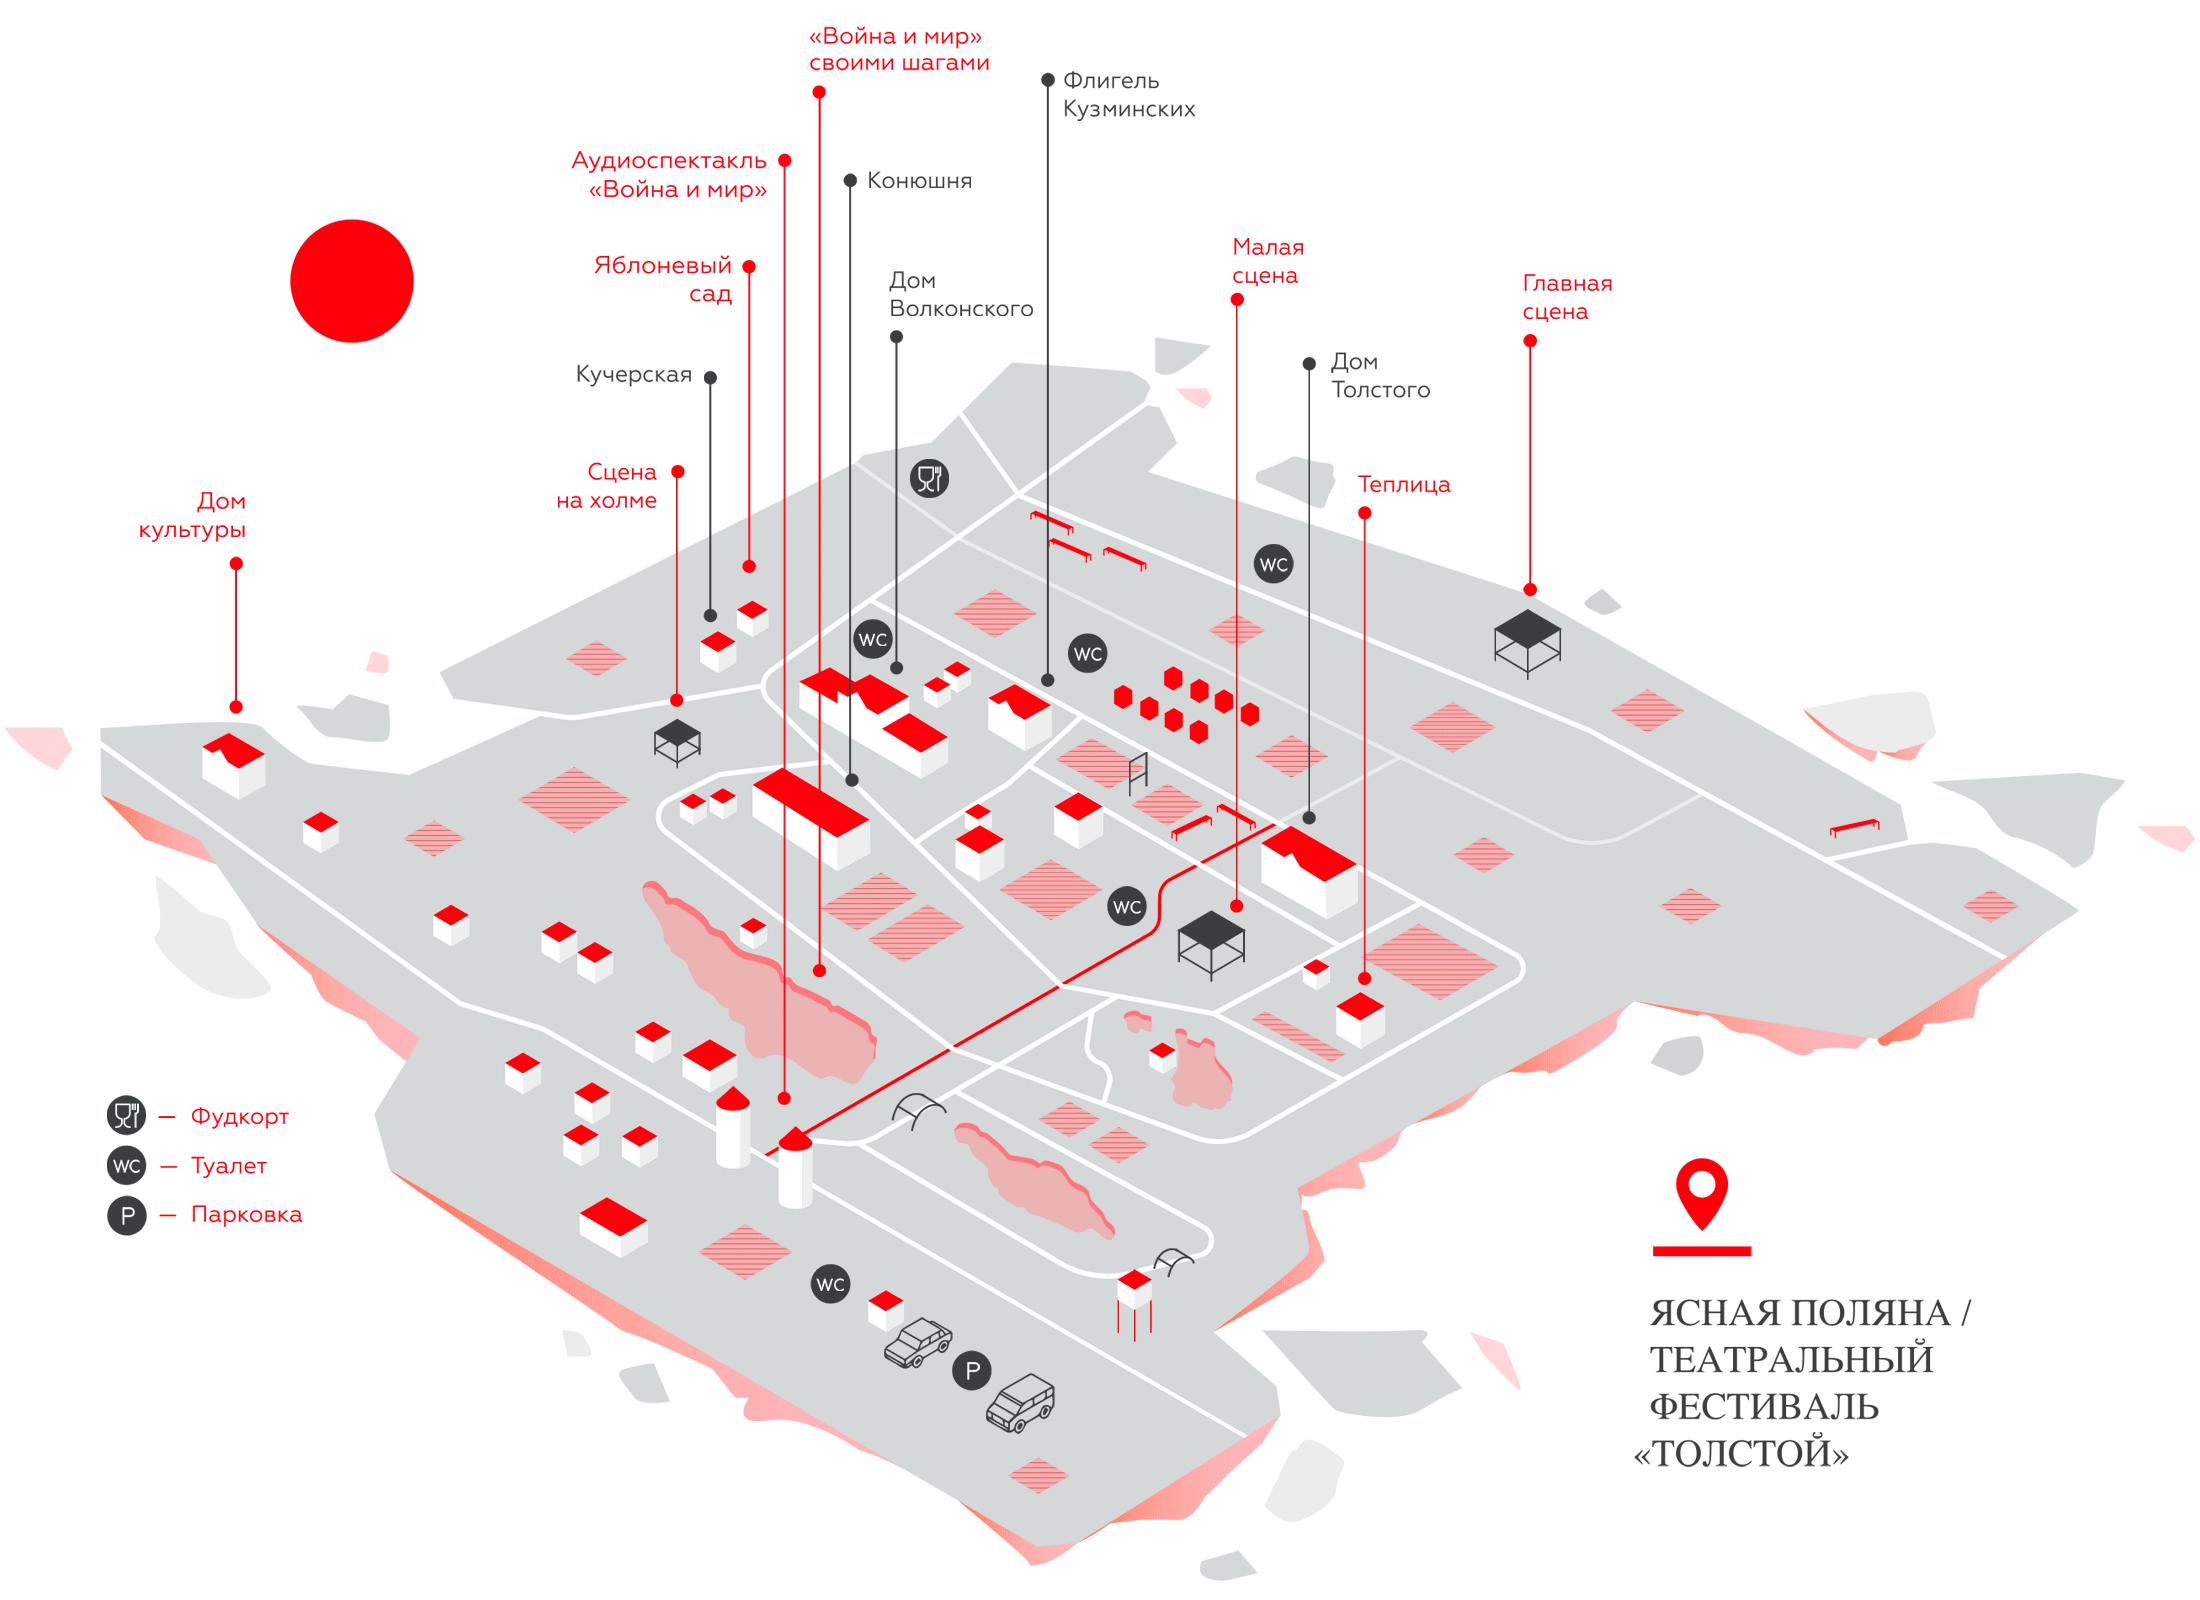 tolstoy_map_2021_3